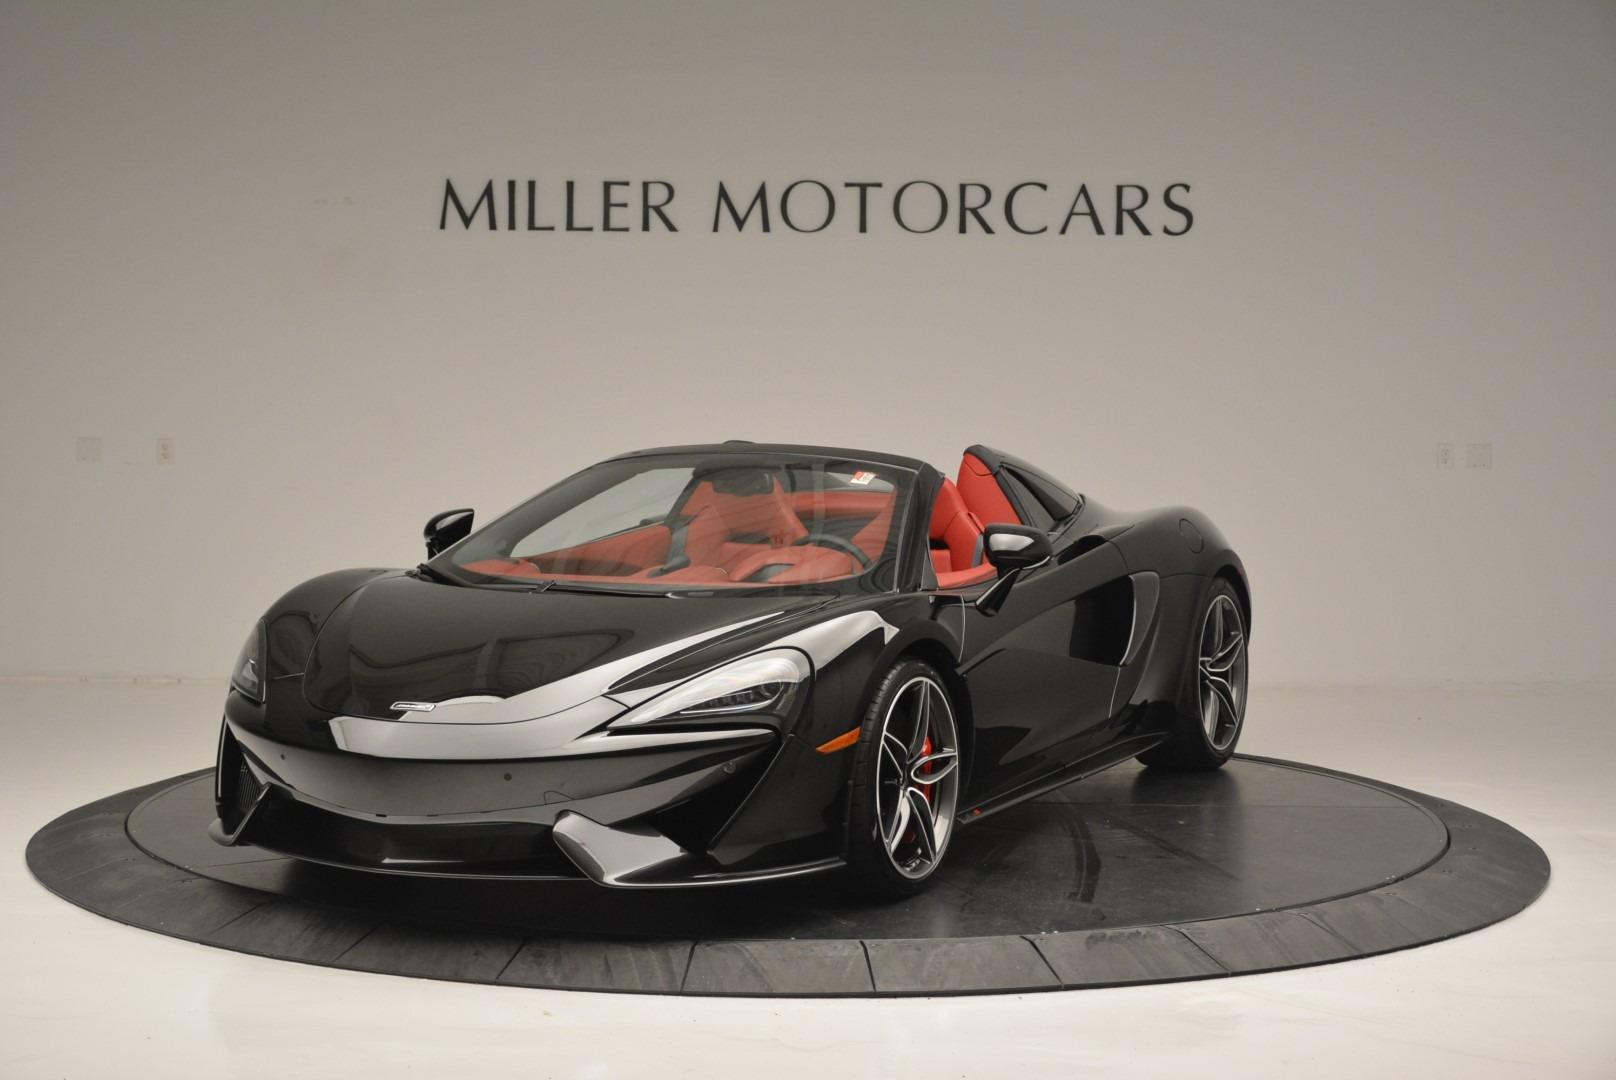 New 2019 McLaren 570S Spider Convertible For Sale In Westport, CT 2522_p2